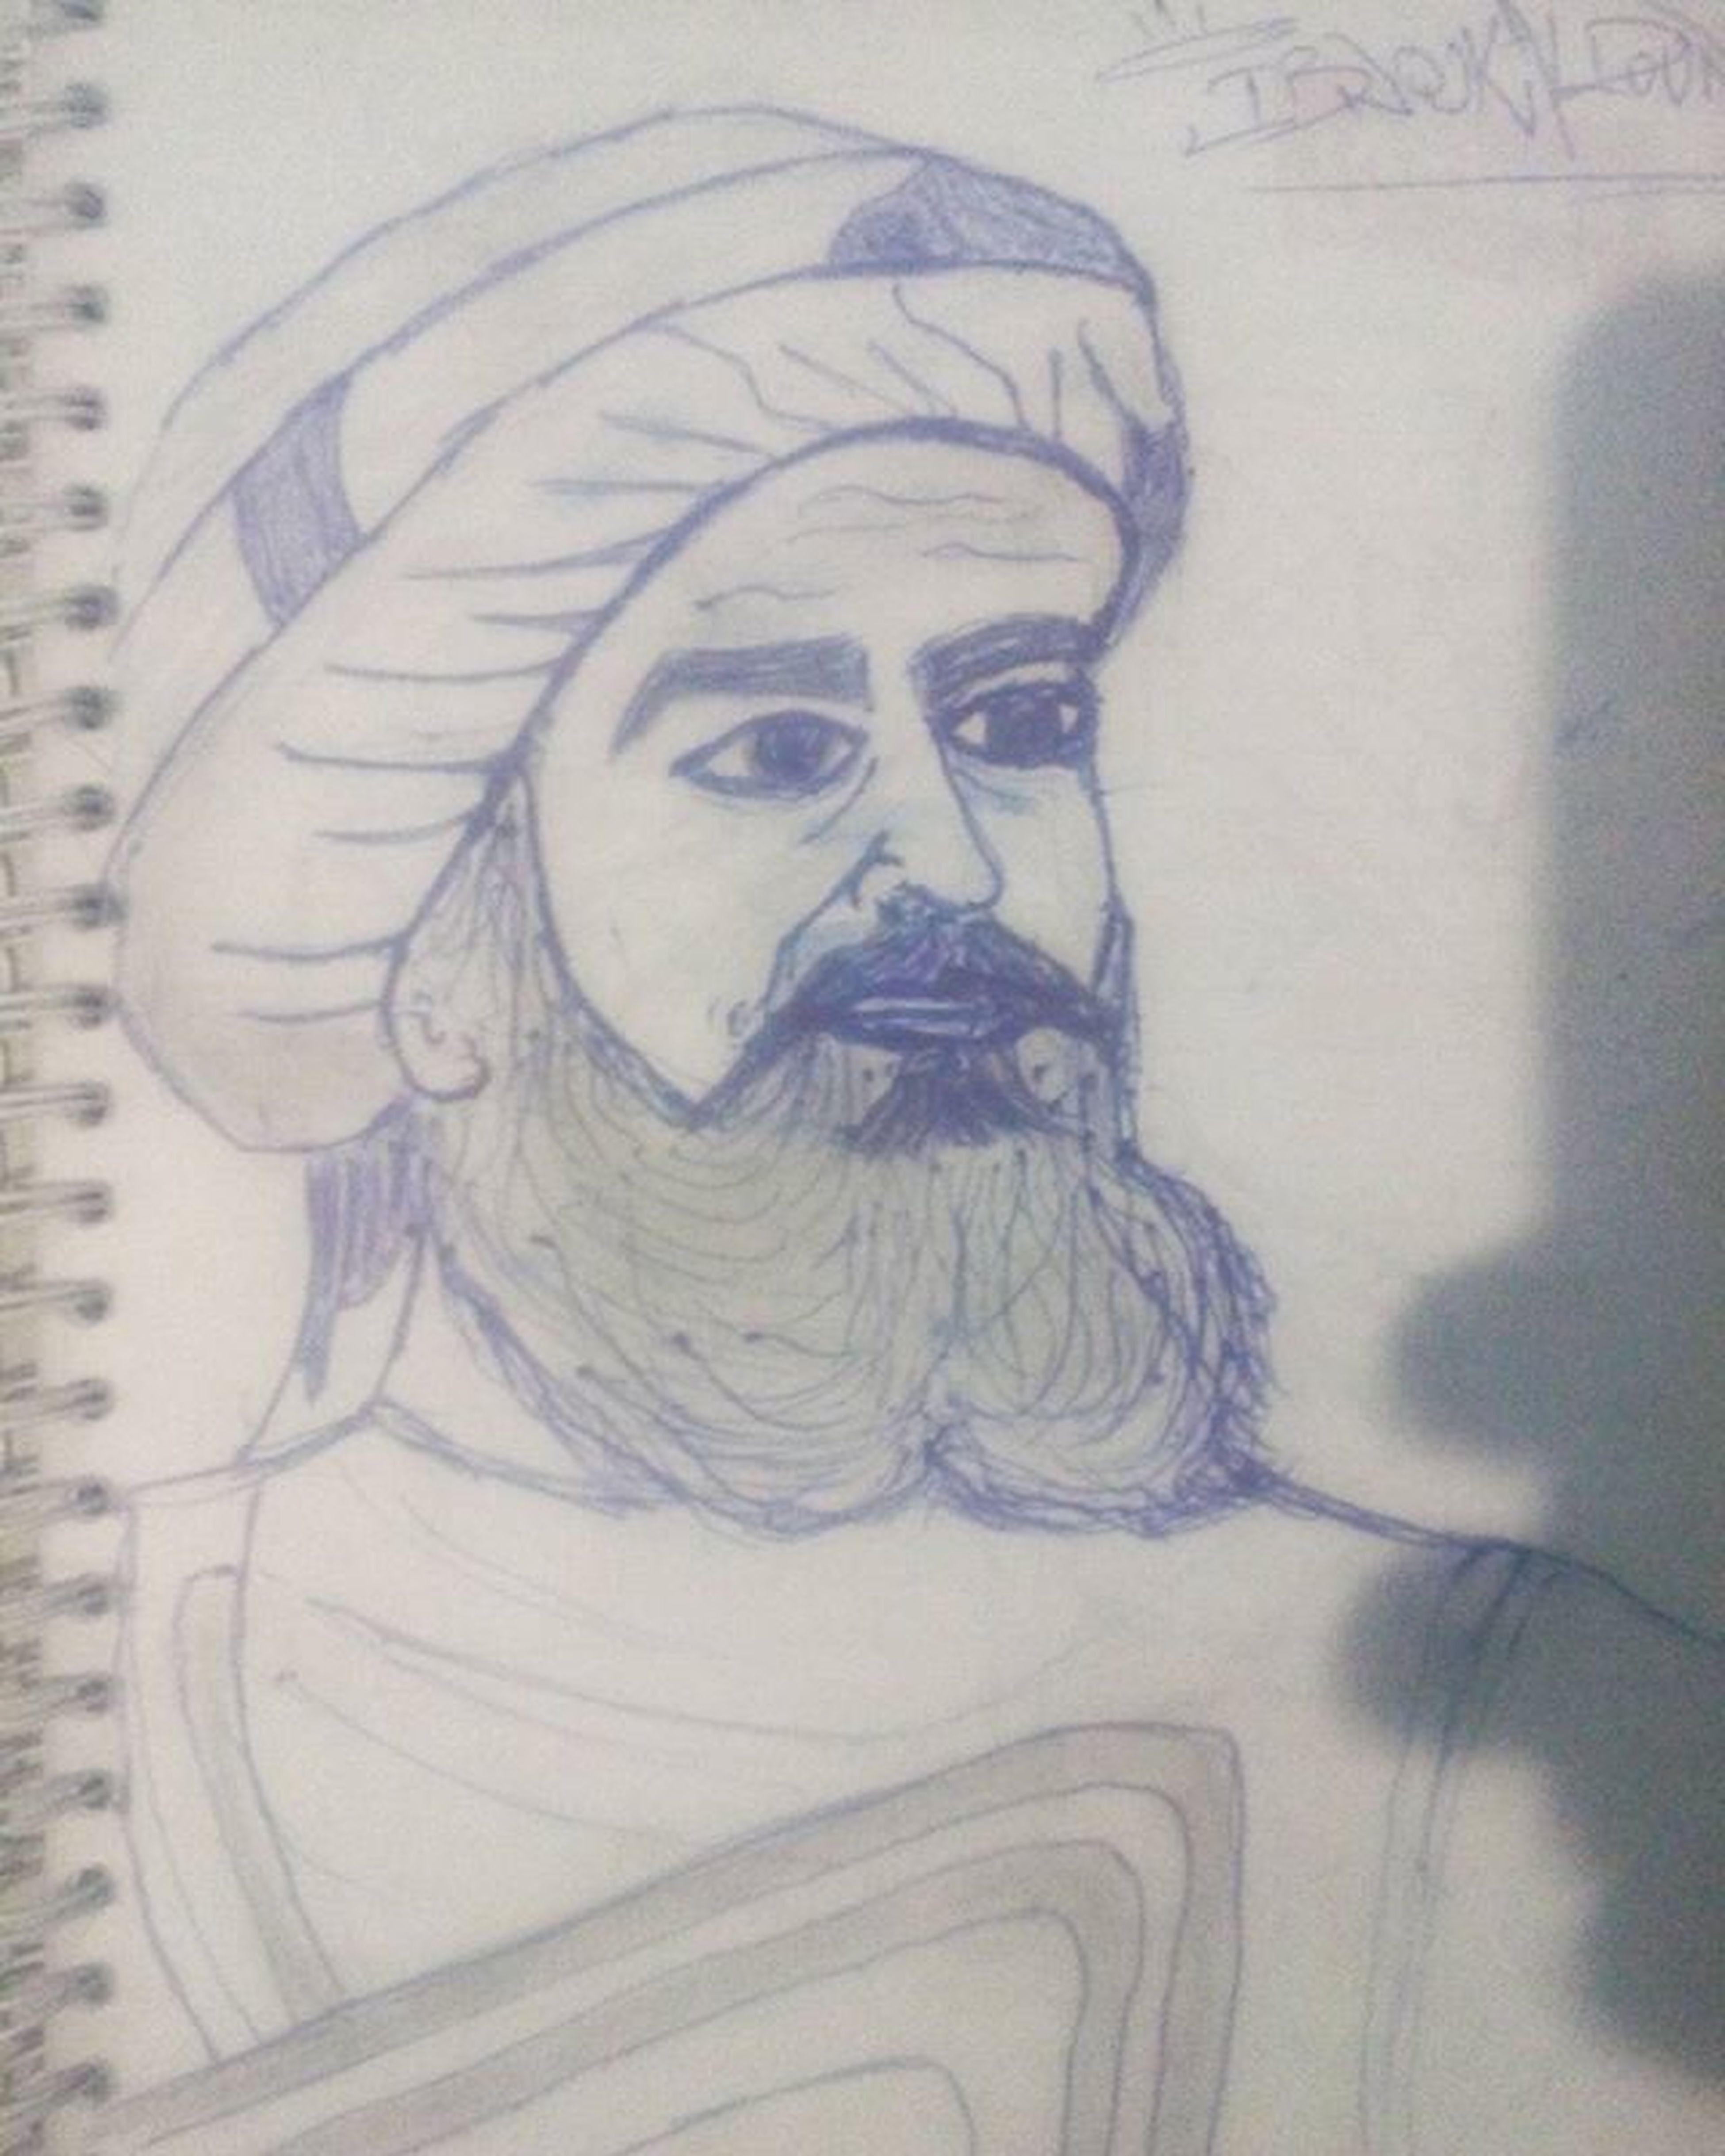 ابن_خلدون Drawings